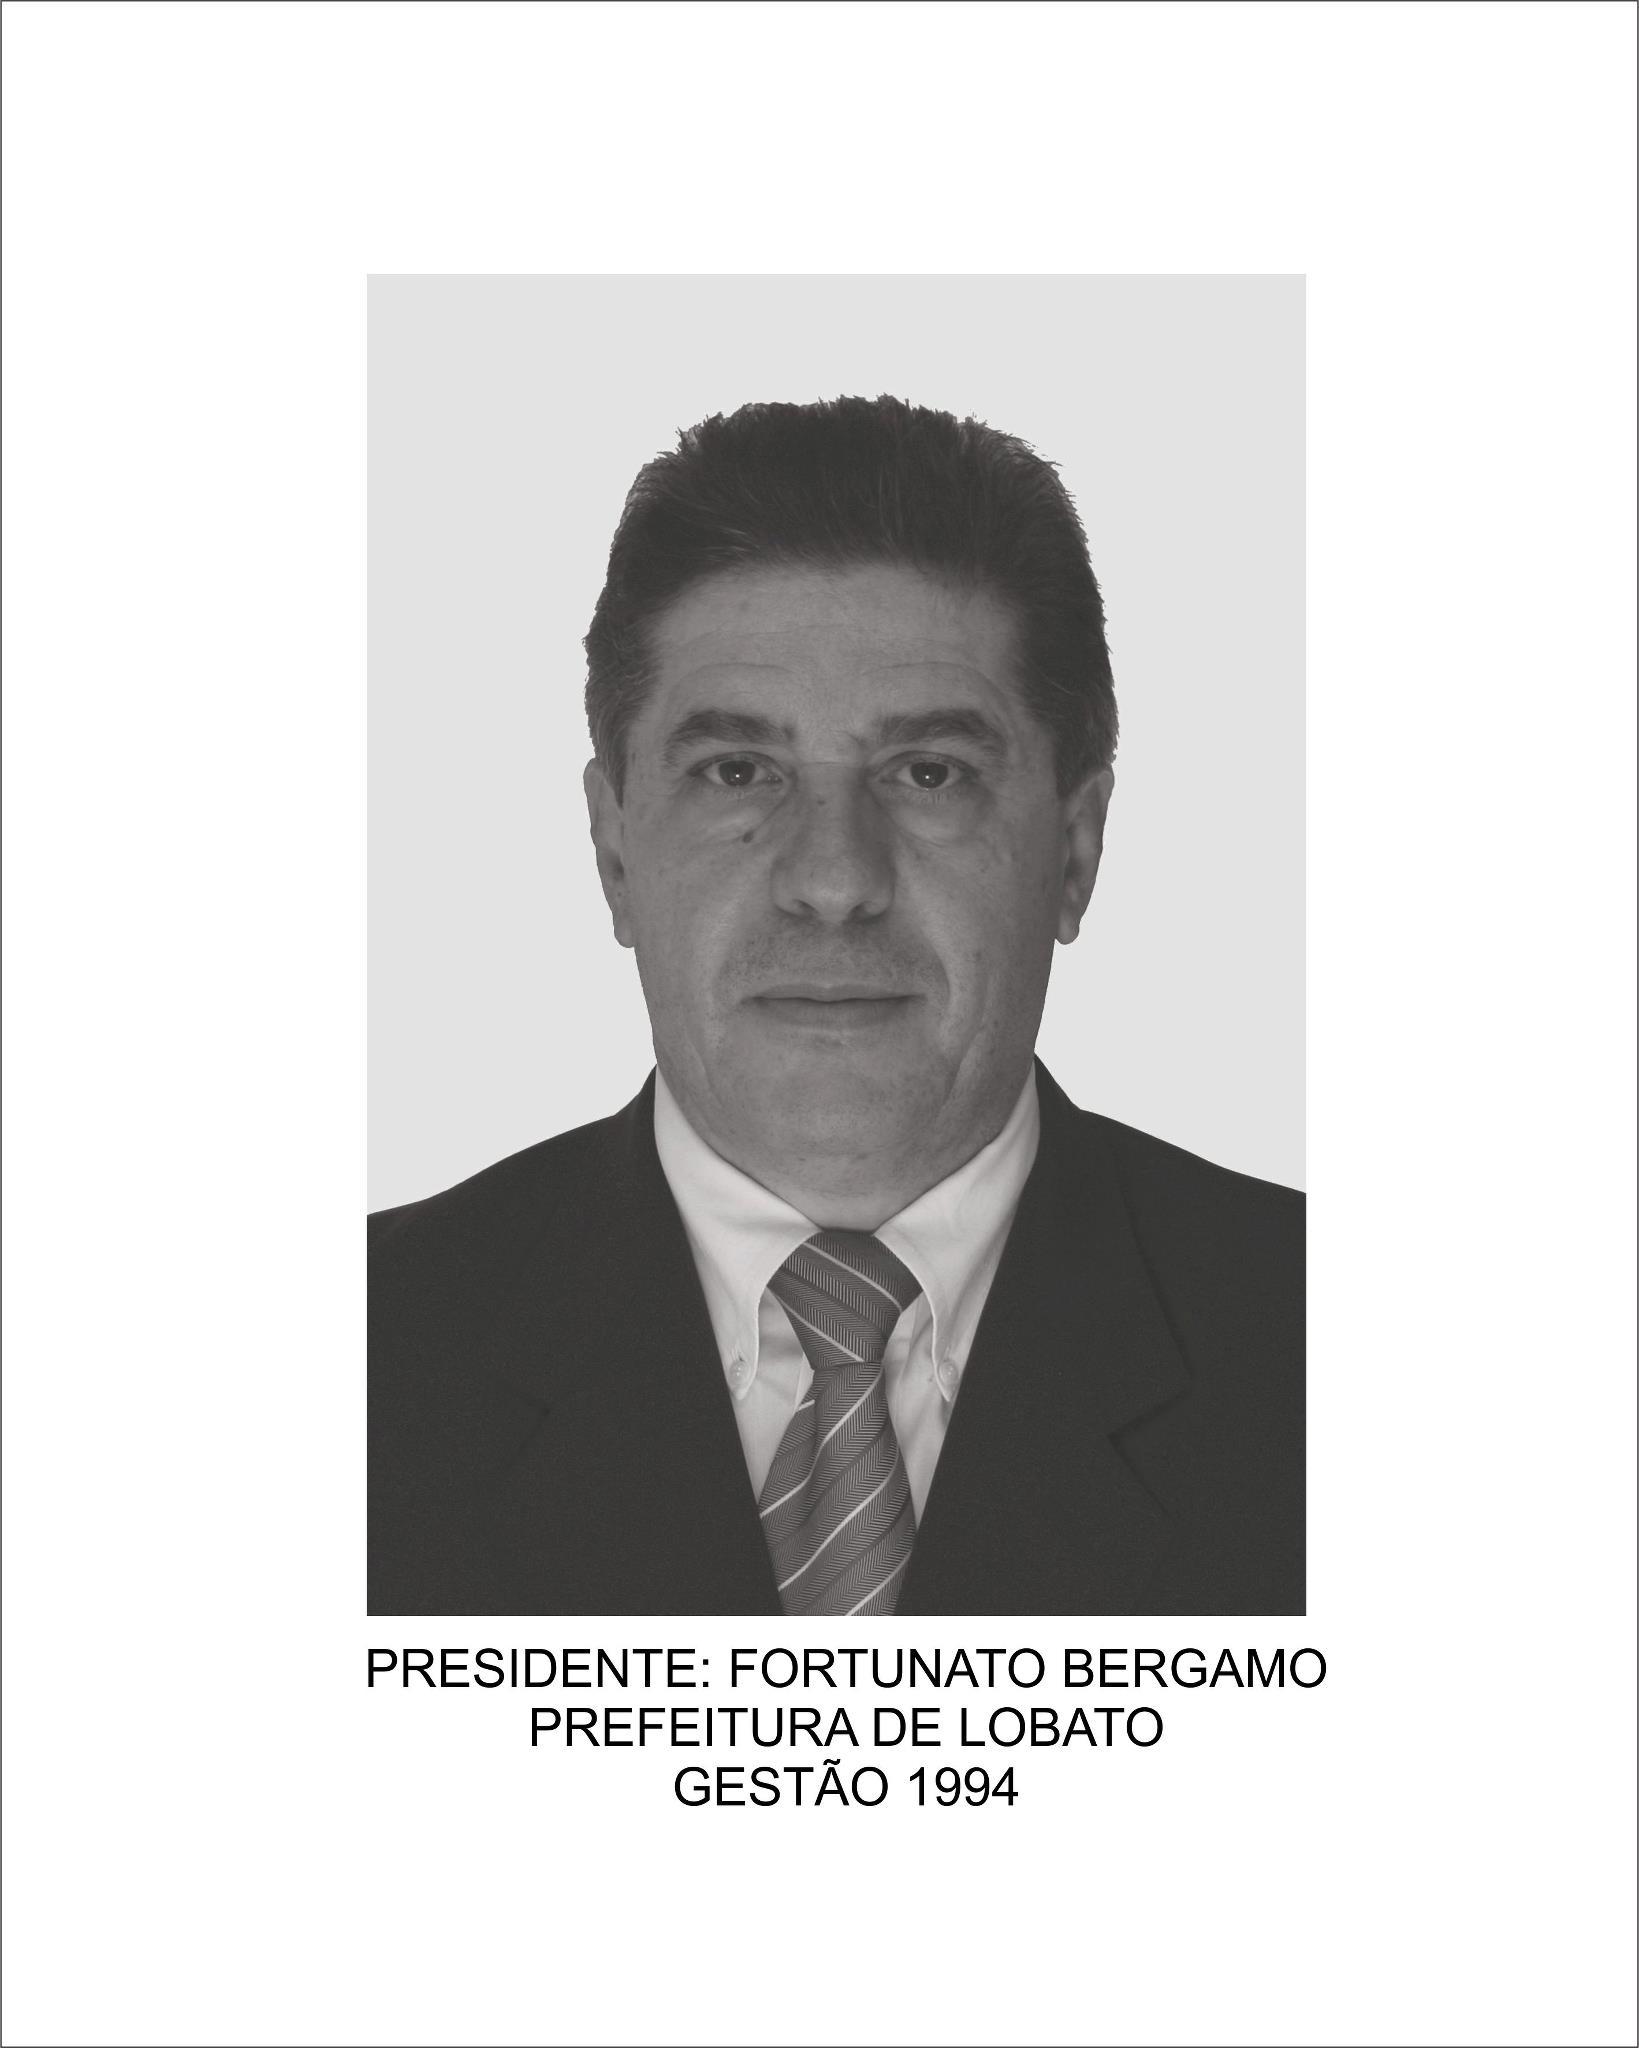 Fortunato Bérgamo